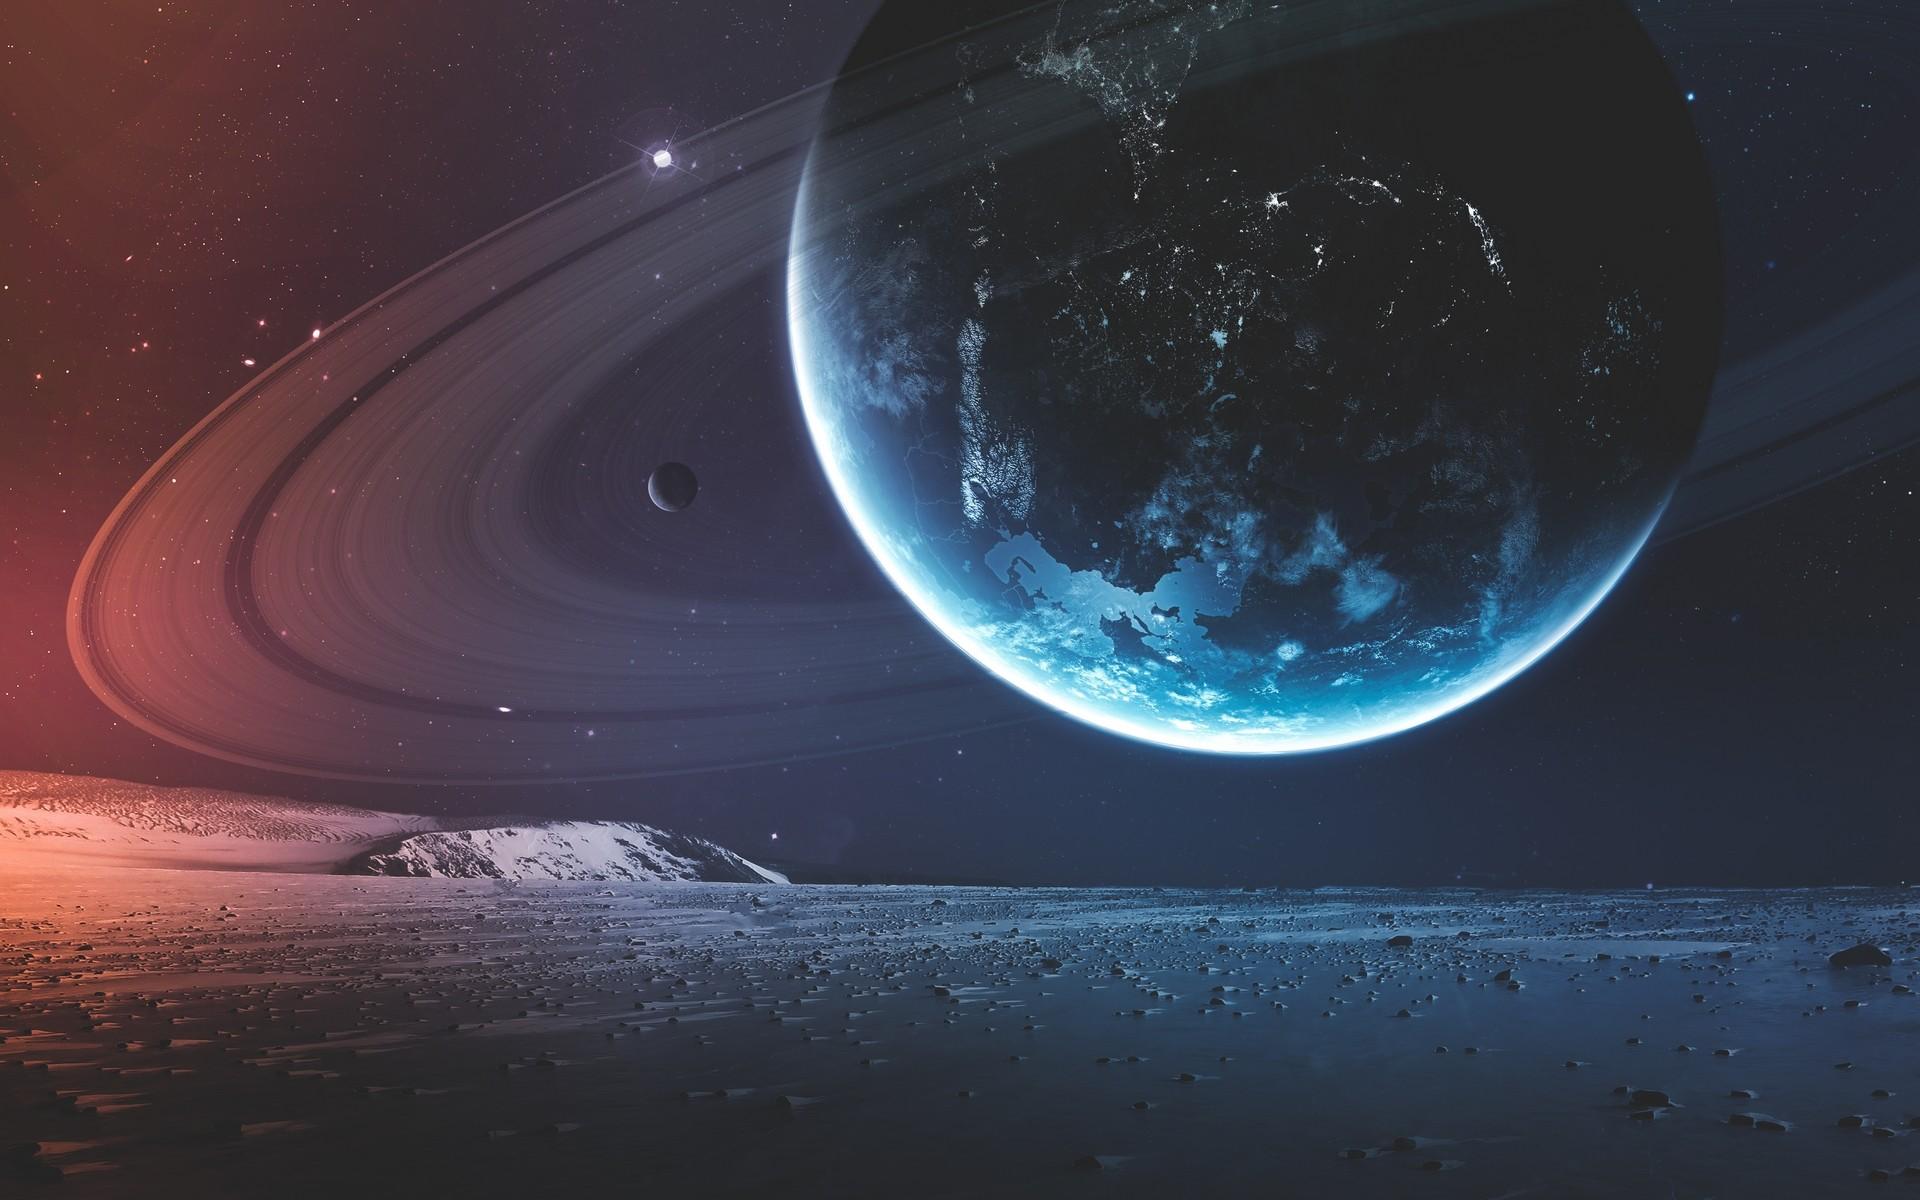 Звёздное небо и космос в картинках - Страница 5 Vadim-sadovski-d3-2